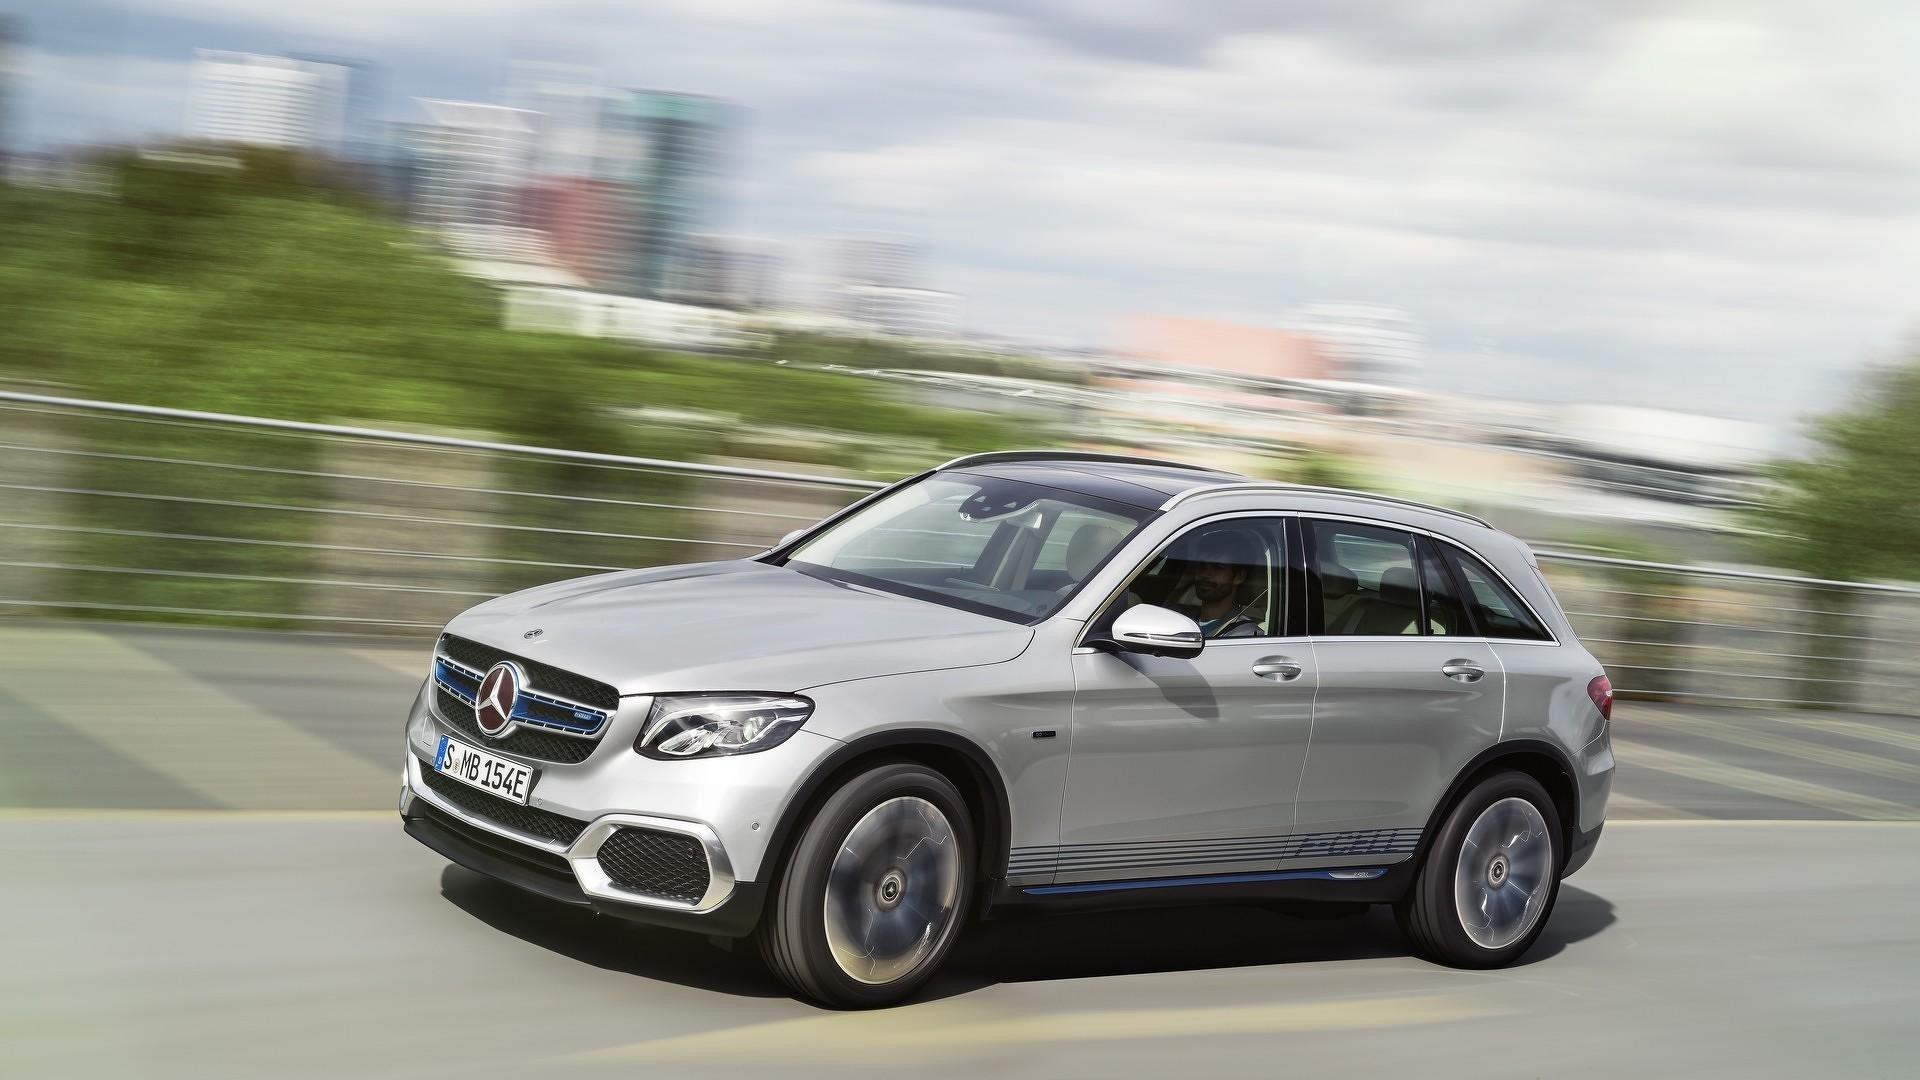 Mercedes представил 1-ый автомобиль сводородной топливной системой GLC F-Cell